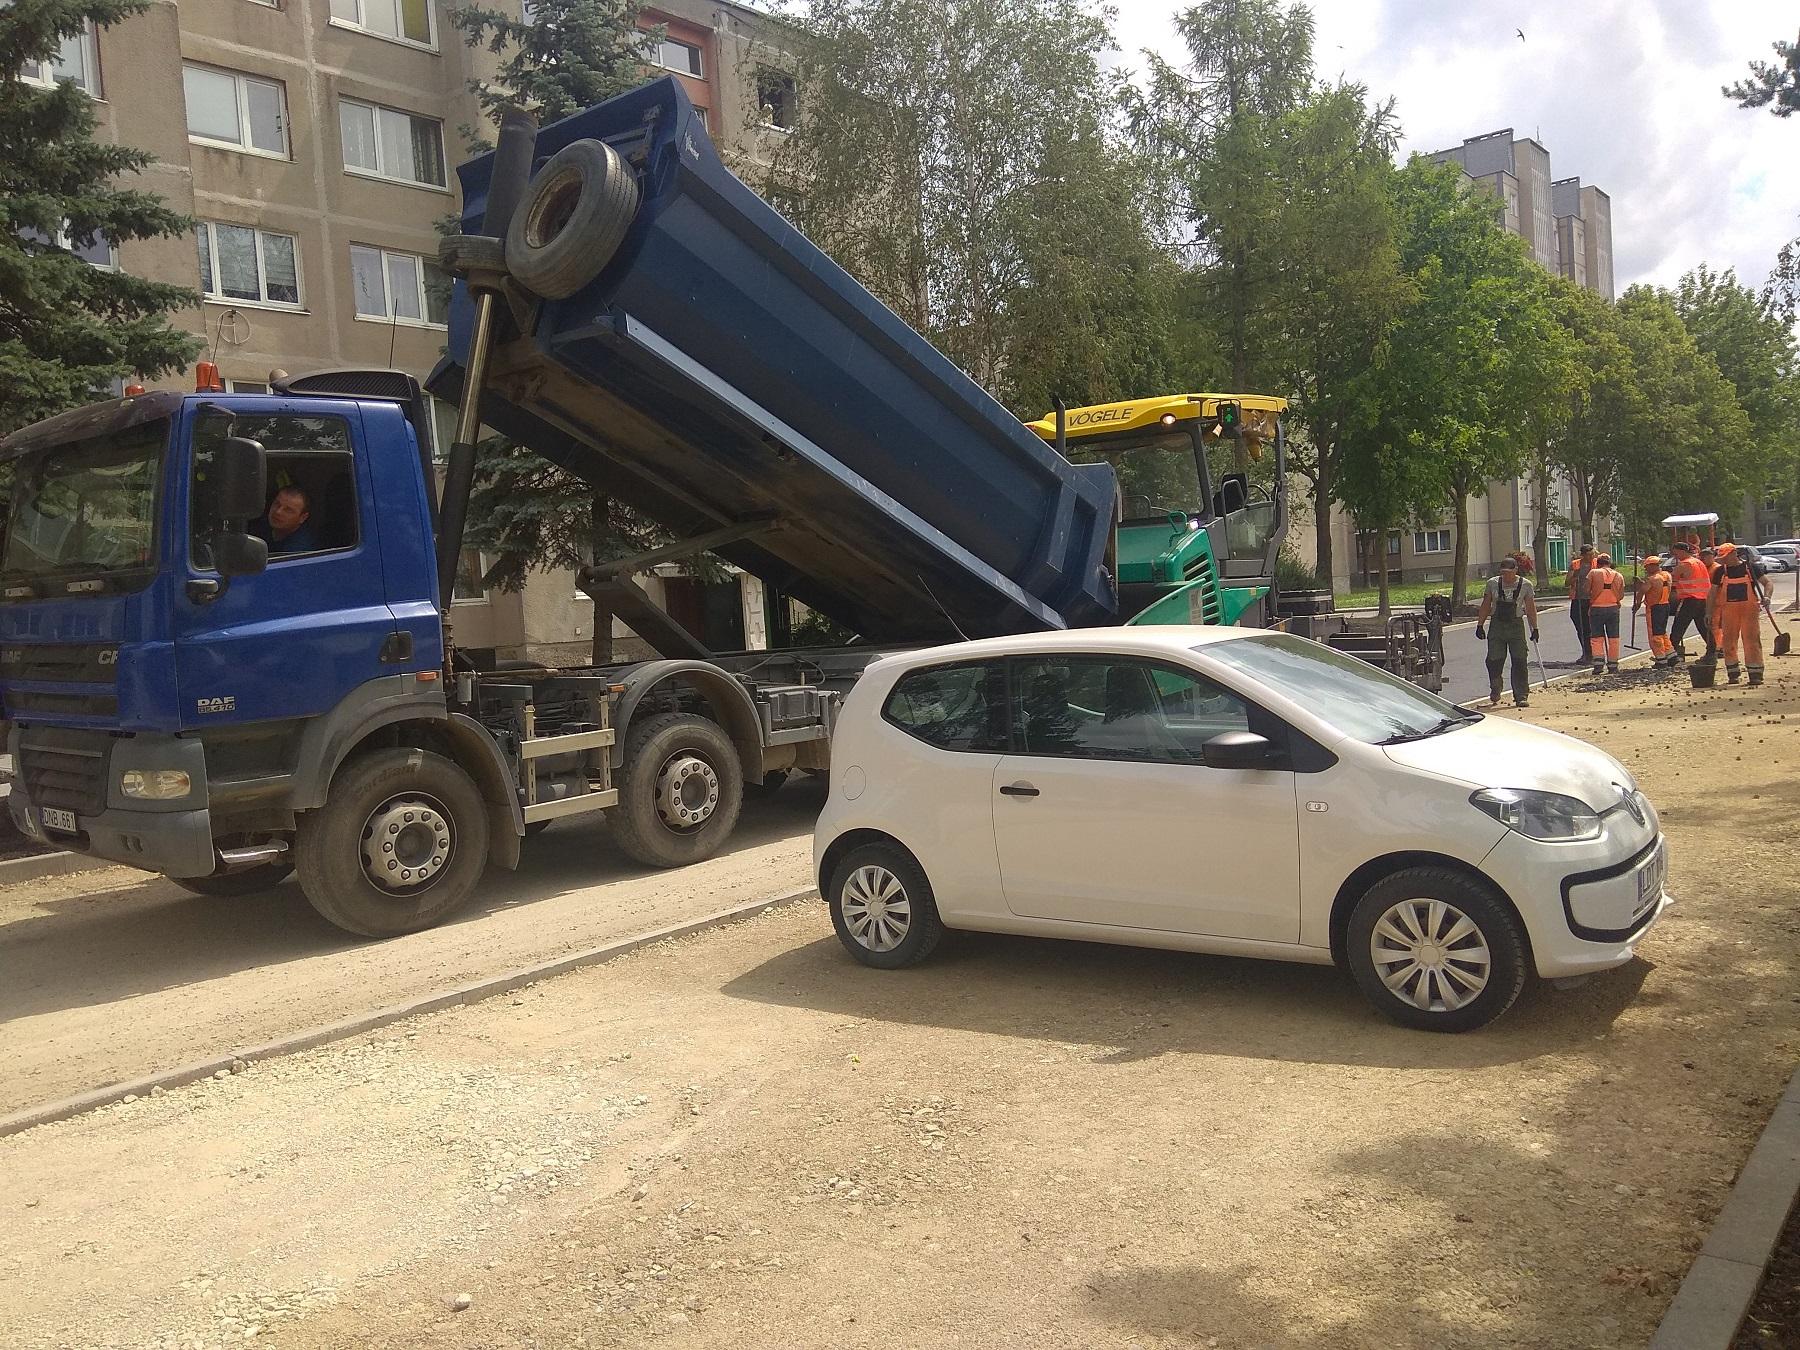 Vienas automobilis buvo paliktas statybvietėje, tad jis buvo tiesiog įkalintas, mat aplink jį buvo ištiestas asfaltas.